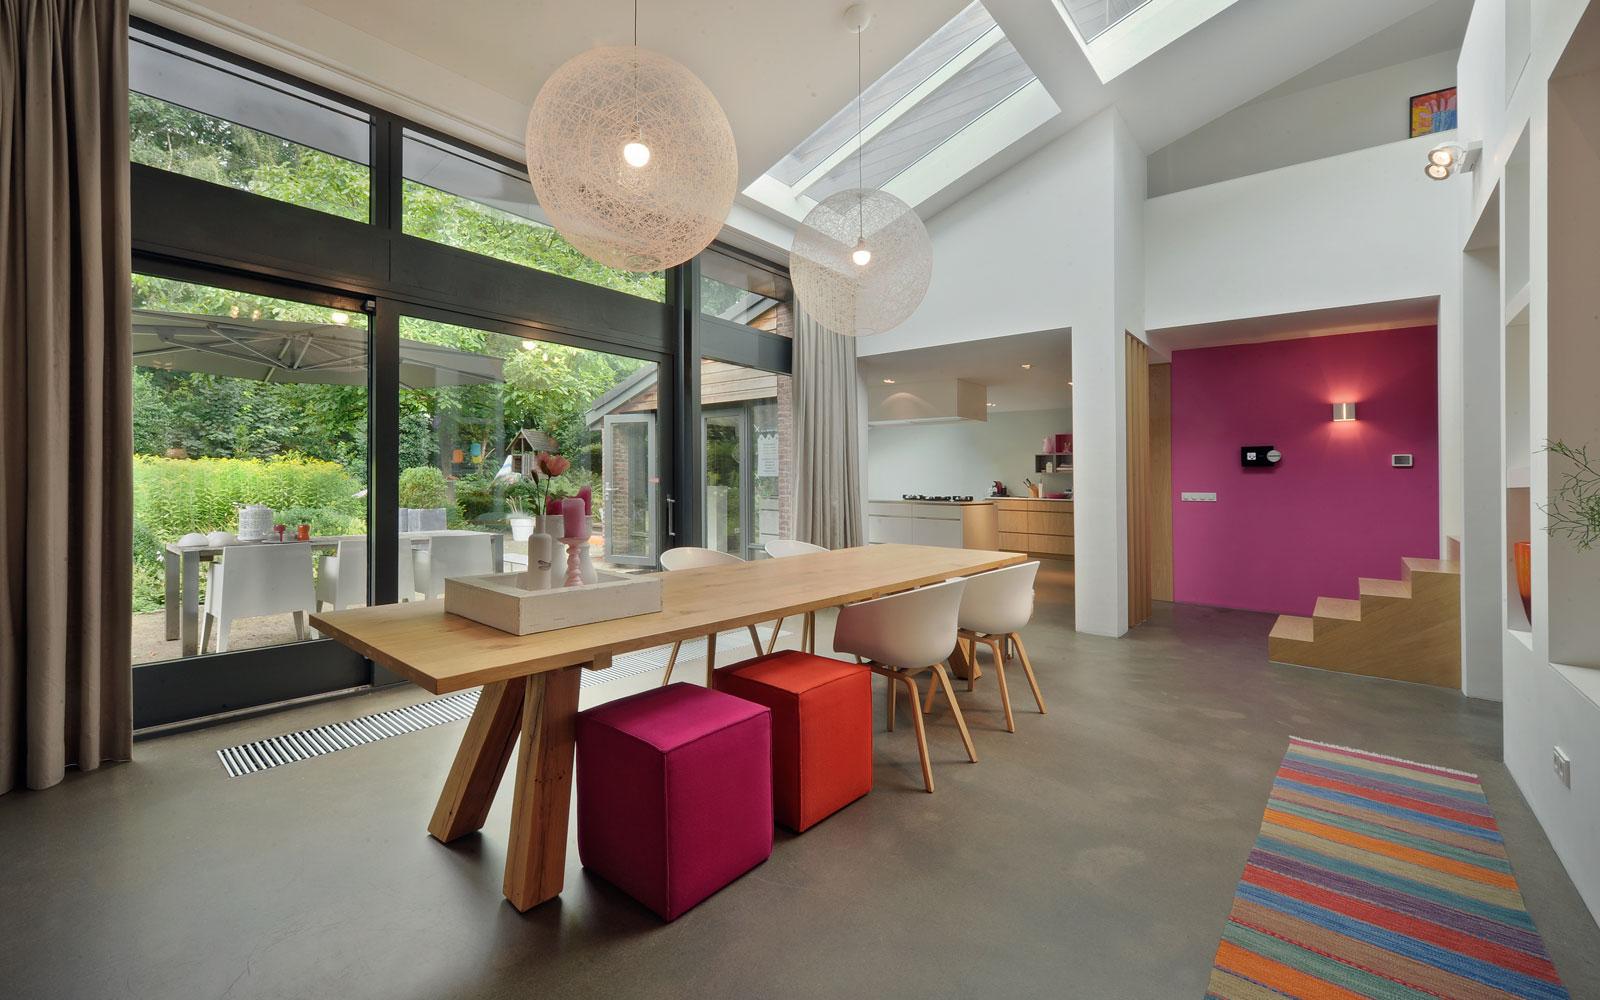 Ruime woonkamer, betonvloer, houten tafel, grote ramen, jaren 70 woning, De Bever Architecten